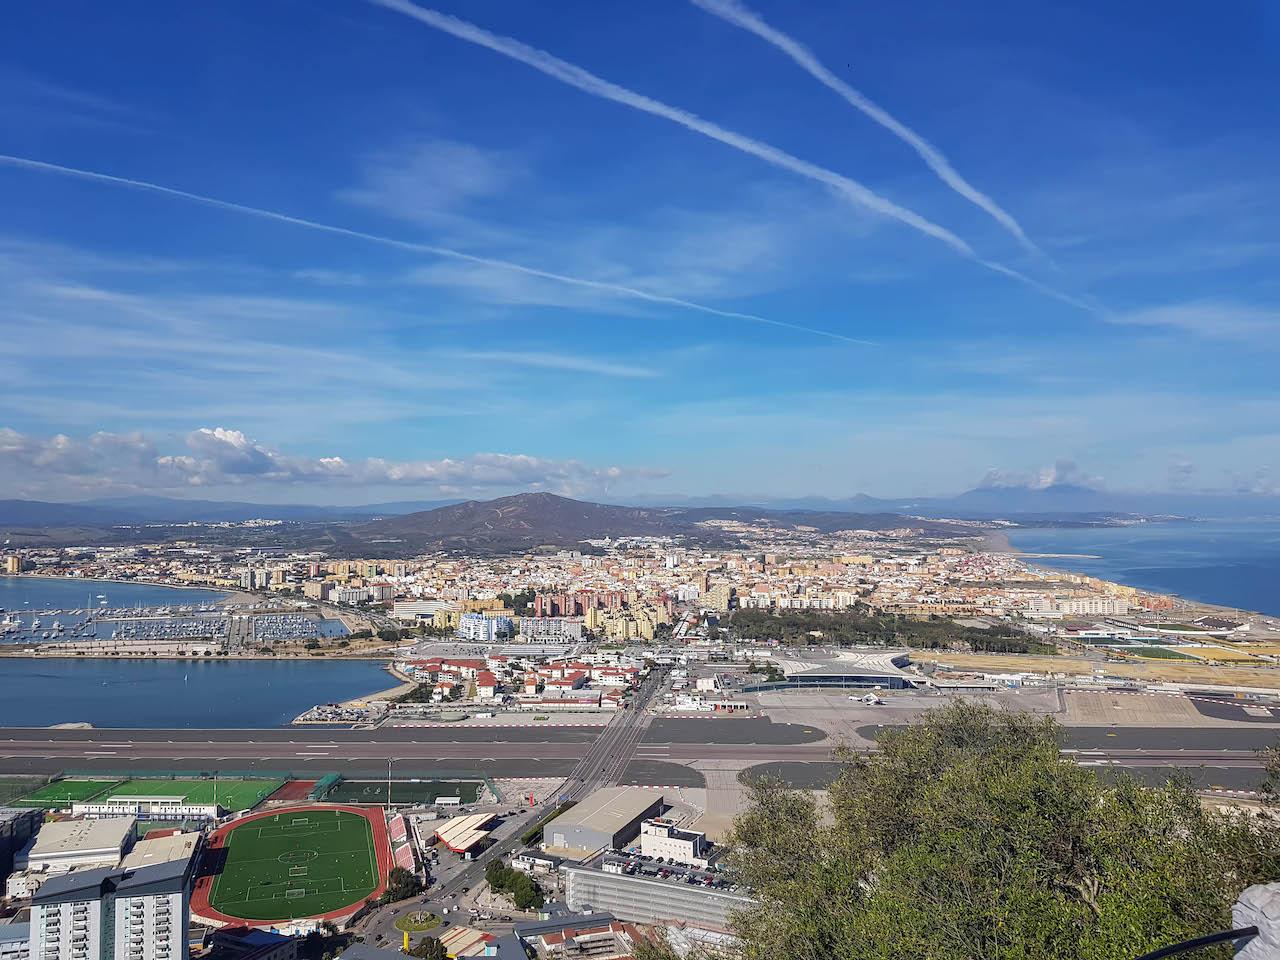 Sicht auf La Línea de la Concepción.